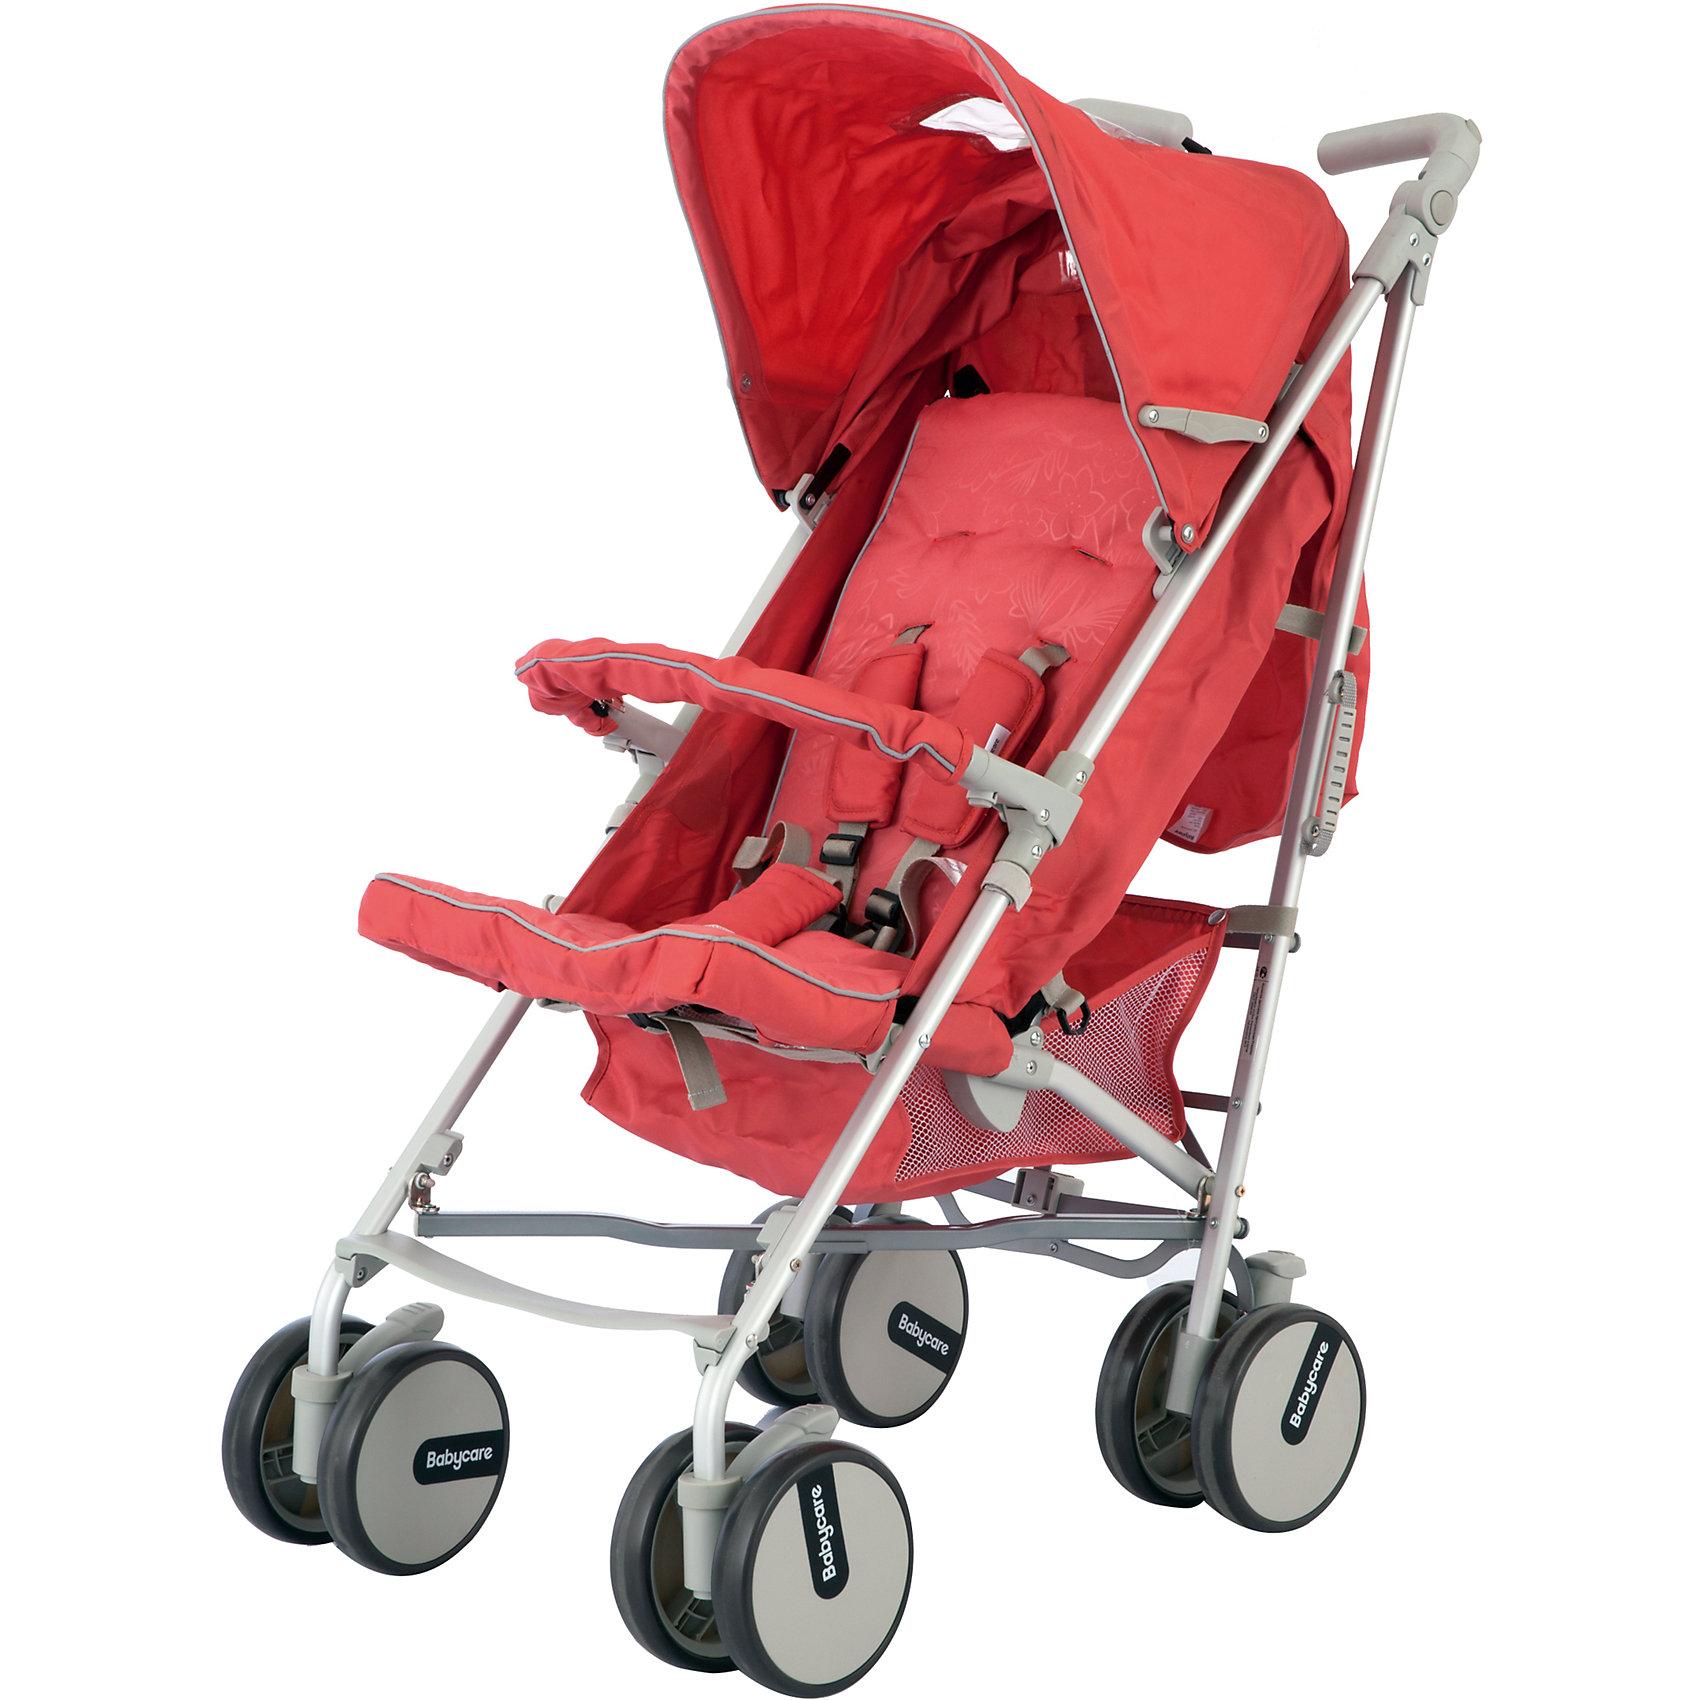 Коляска-трость Premier, Baby Care, розовыйКоляска-трость Premier (Премьер), Baby Care , розовый – это прогулочная коляска-трость с расширенным функционалом. Здесь и полностью раскладывающийся капюшон, и 3 положения наклона спинки, и регулируемая подножка и еще множество приятных мелочей, которые редко встречаются у колясок данной категории. Мягкие сдвоенные колеса не только обеспечивают супер плавный ход коляски, но еще и стильно выглядят. Две поворотные в разных плоскостях ручки, большая корзина для вещей придется по вкусу всем мамам!<br><br>Характеристики:<br>-Тип: прогулочная<br>-Цвет: розовый<br>-Механизм складывания: трость<br>-Регулировка спинки в 3 положениях <br>-Легкая алюминиевая рама <br>-5-точечные ремни безопасности <br>-Большой складной капюшон с 2-мя окошками<br>-Мягкие сдвоенные колеса из искусственной вспененной резины (пеноплена) <br>-Передние поворотные колеса с фиксатором<br>-Регулируемые в разных плоскостях ручки <br>-Стояночные тормоза на задних колесах <br>-Регулировка высоты ручки: есть<br><br>Комплектация: чехол на ноги, сетка для продуктов<br><br>Дополнительная информация:<br>-Вес коляски: 7 кг<br>-Габариты: 65х32х21 см<br>-Диаметр колёс: 15 см<br>-Ширина колёсной базы: 46 см<br>-Габариты в сложенном виде: 72x46 см<br>-Материалы: пеноплен, пластик, алюминий, текстиль<br><br>Компактная Коляска-трость Premier (Премьер), Baby Care , розовый идеально подходит для приятных путешествий, ведь она очень компактна легко и быстро складывается одной рукой!<br><br>Коляска-трость Premier (Премьер), Baby Care , розовый можно купить в нашем магазине.<br><br>Ширина мм: 720<br>Глубина мм: 460<br>Высота мм: 210<br>Вес г: 7500<br>Возраст от месяцев: 6<br>Возраст до месяцев: 36<br>Пол: Унисекс<br>Возраст: Детский<br>SKU: 4125331